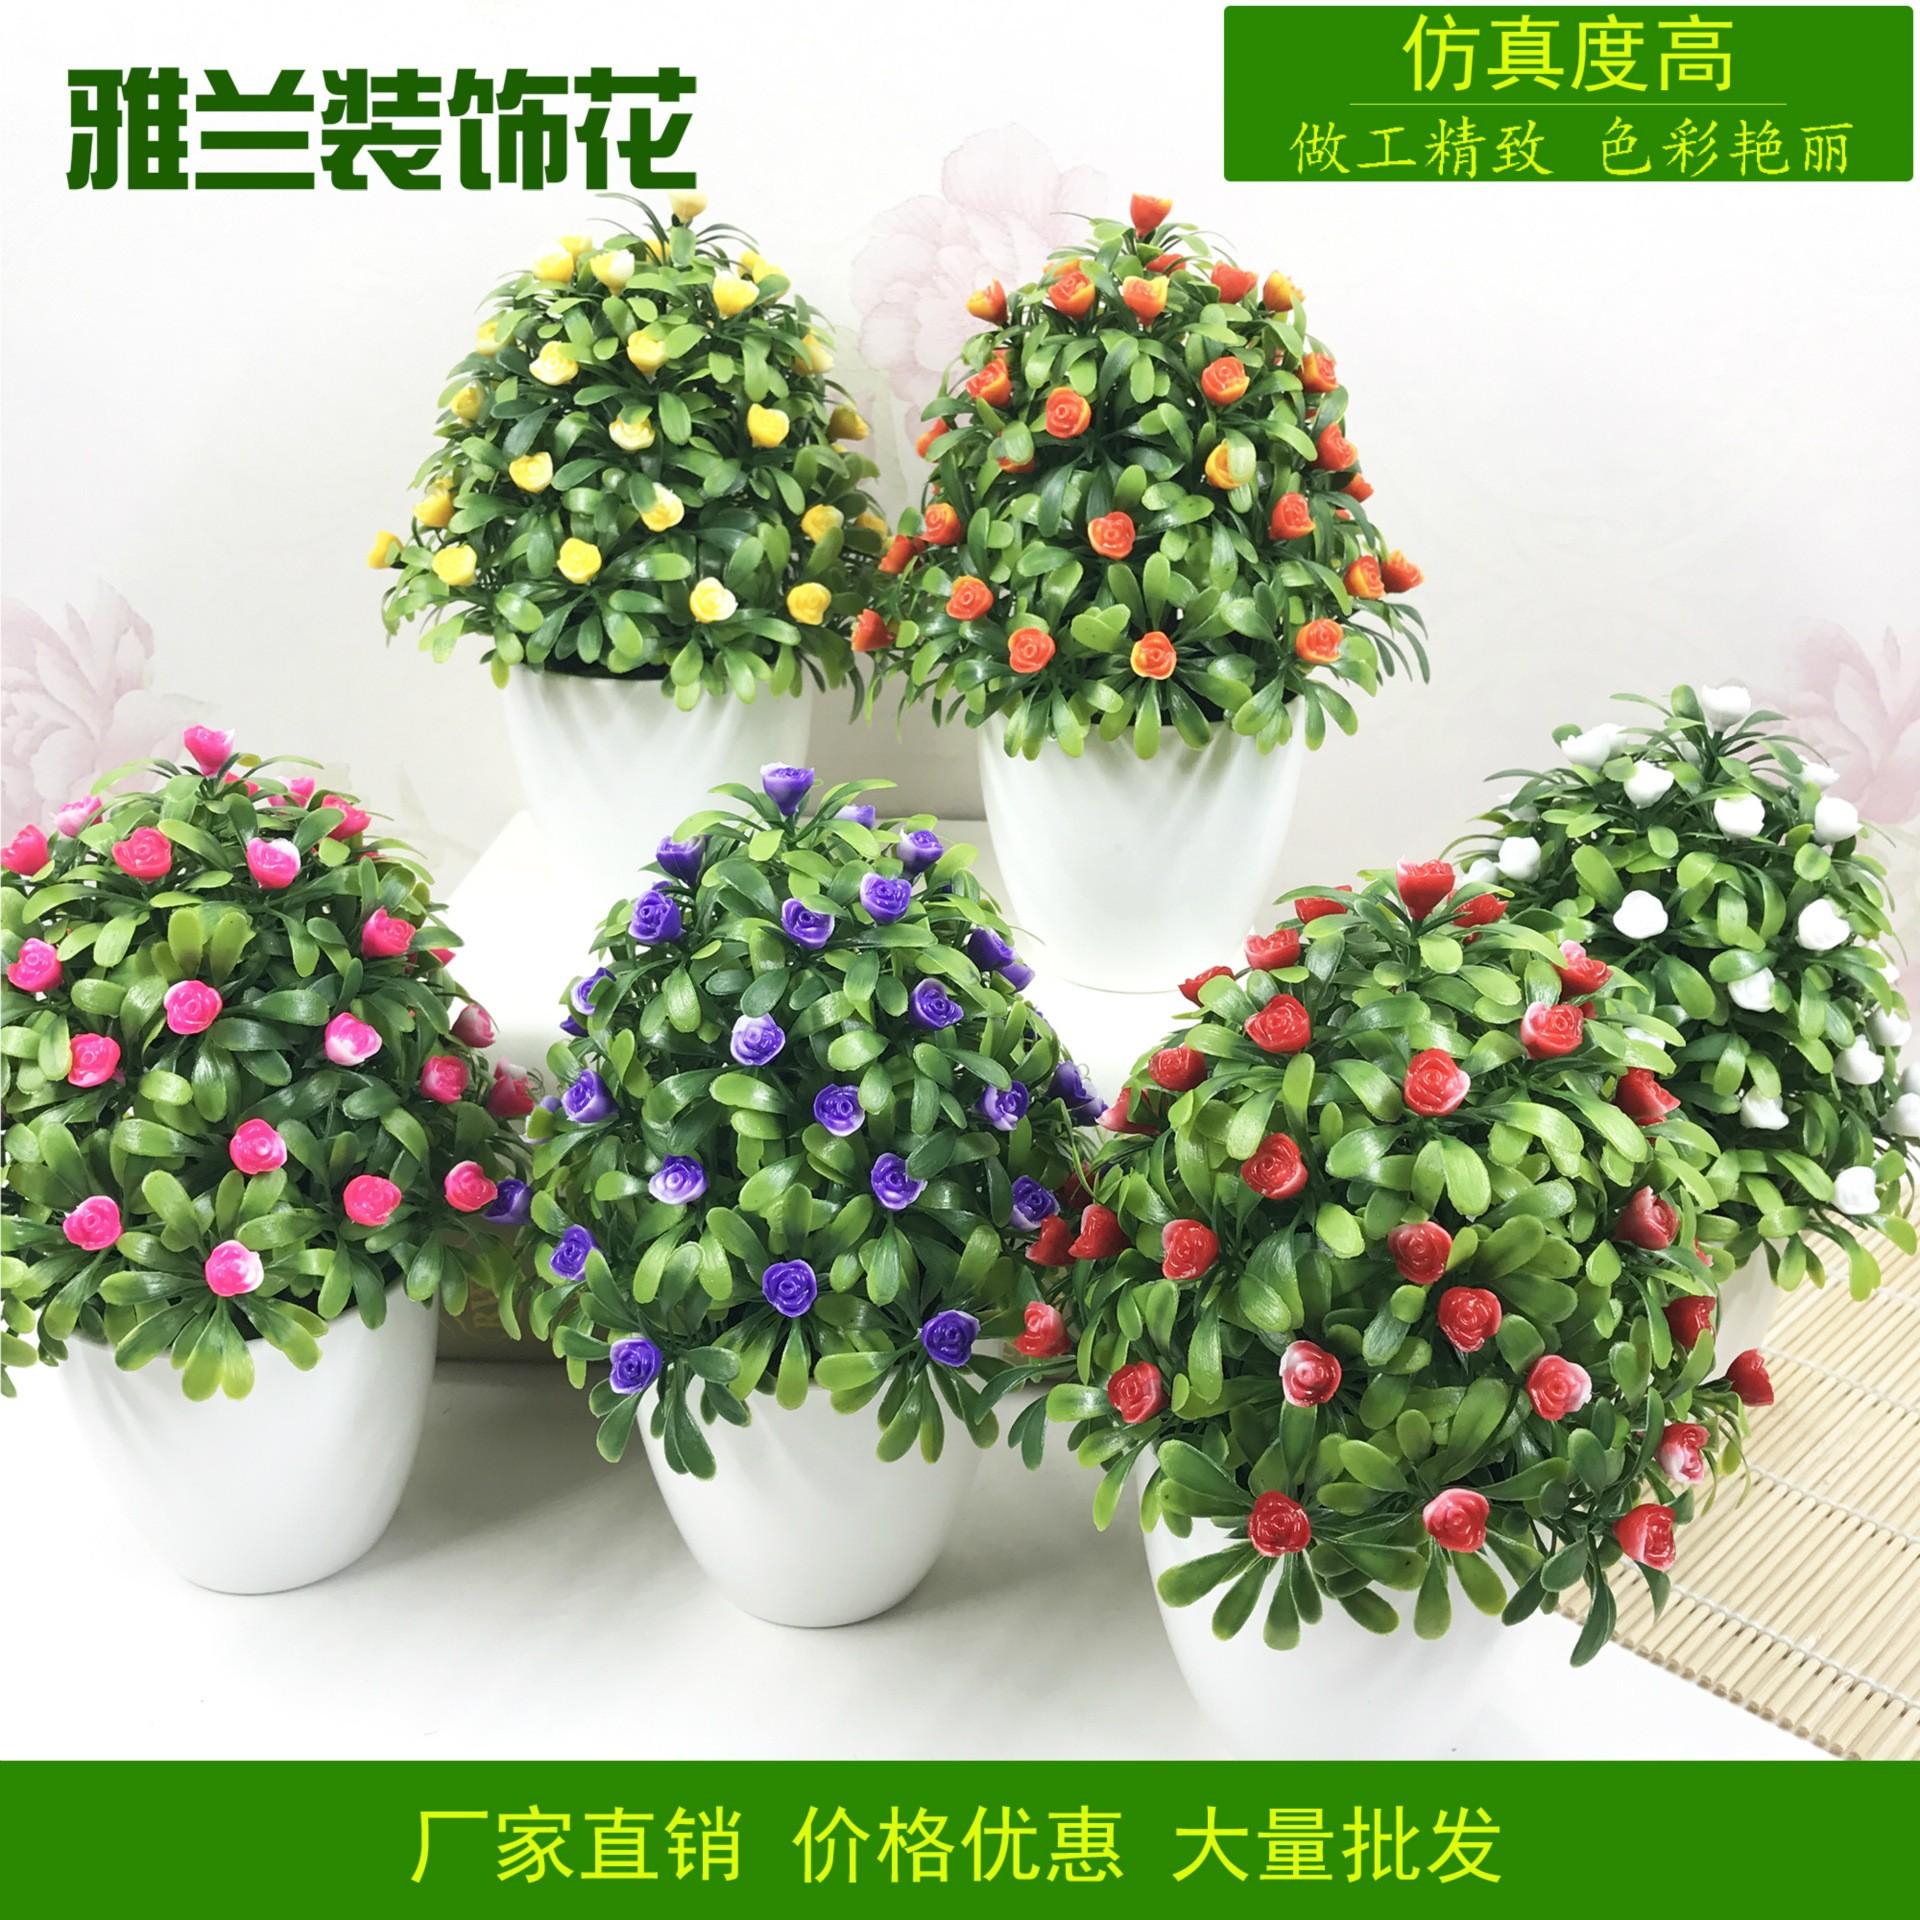 厂家直销低档仿真动物塑料花可恶迷你的居家装璜摆饰摆件盆景盆栽